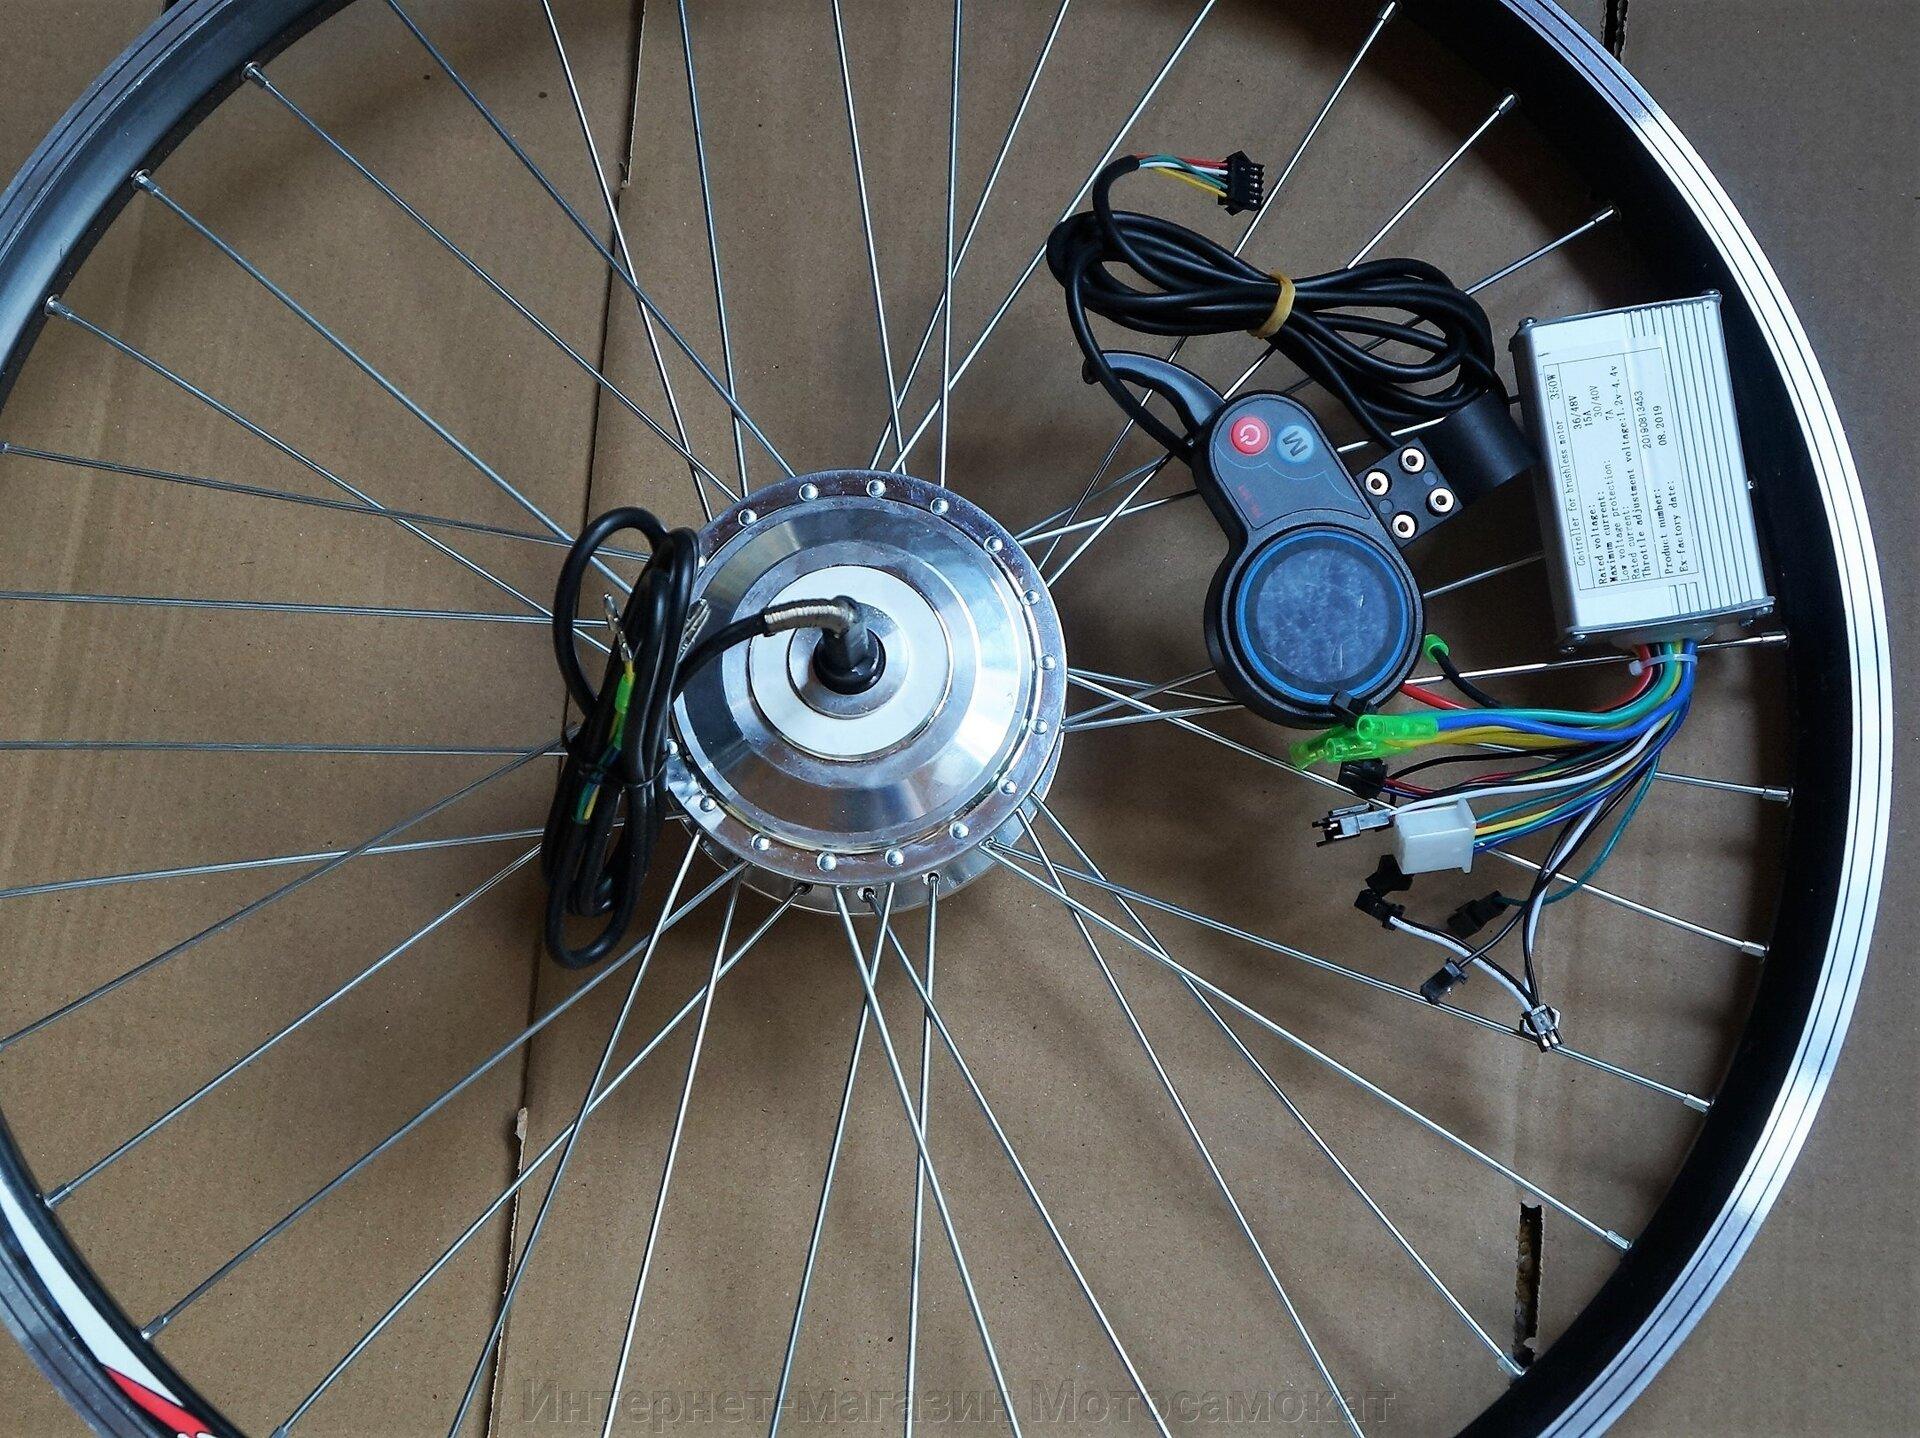 Мотор-колесо A85, 36 вольт 250 ватт, спицы 13G, 215 мм